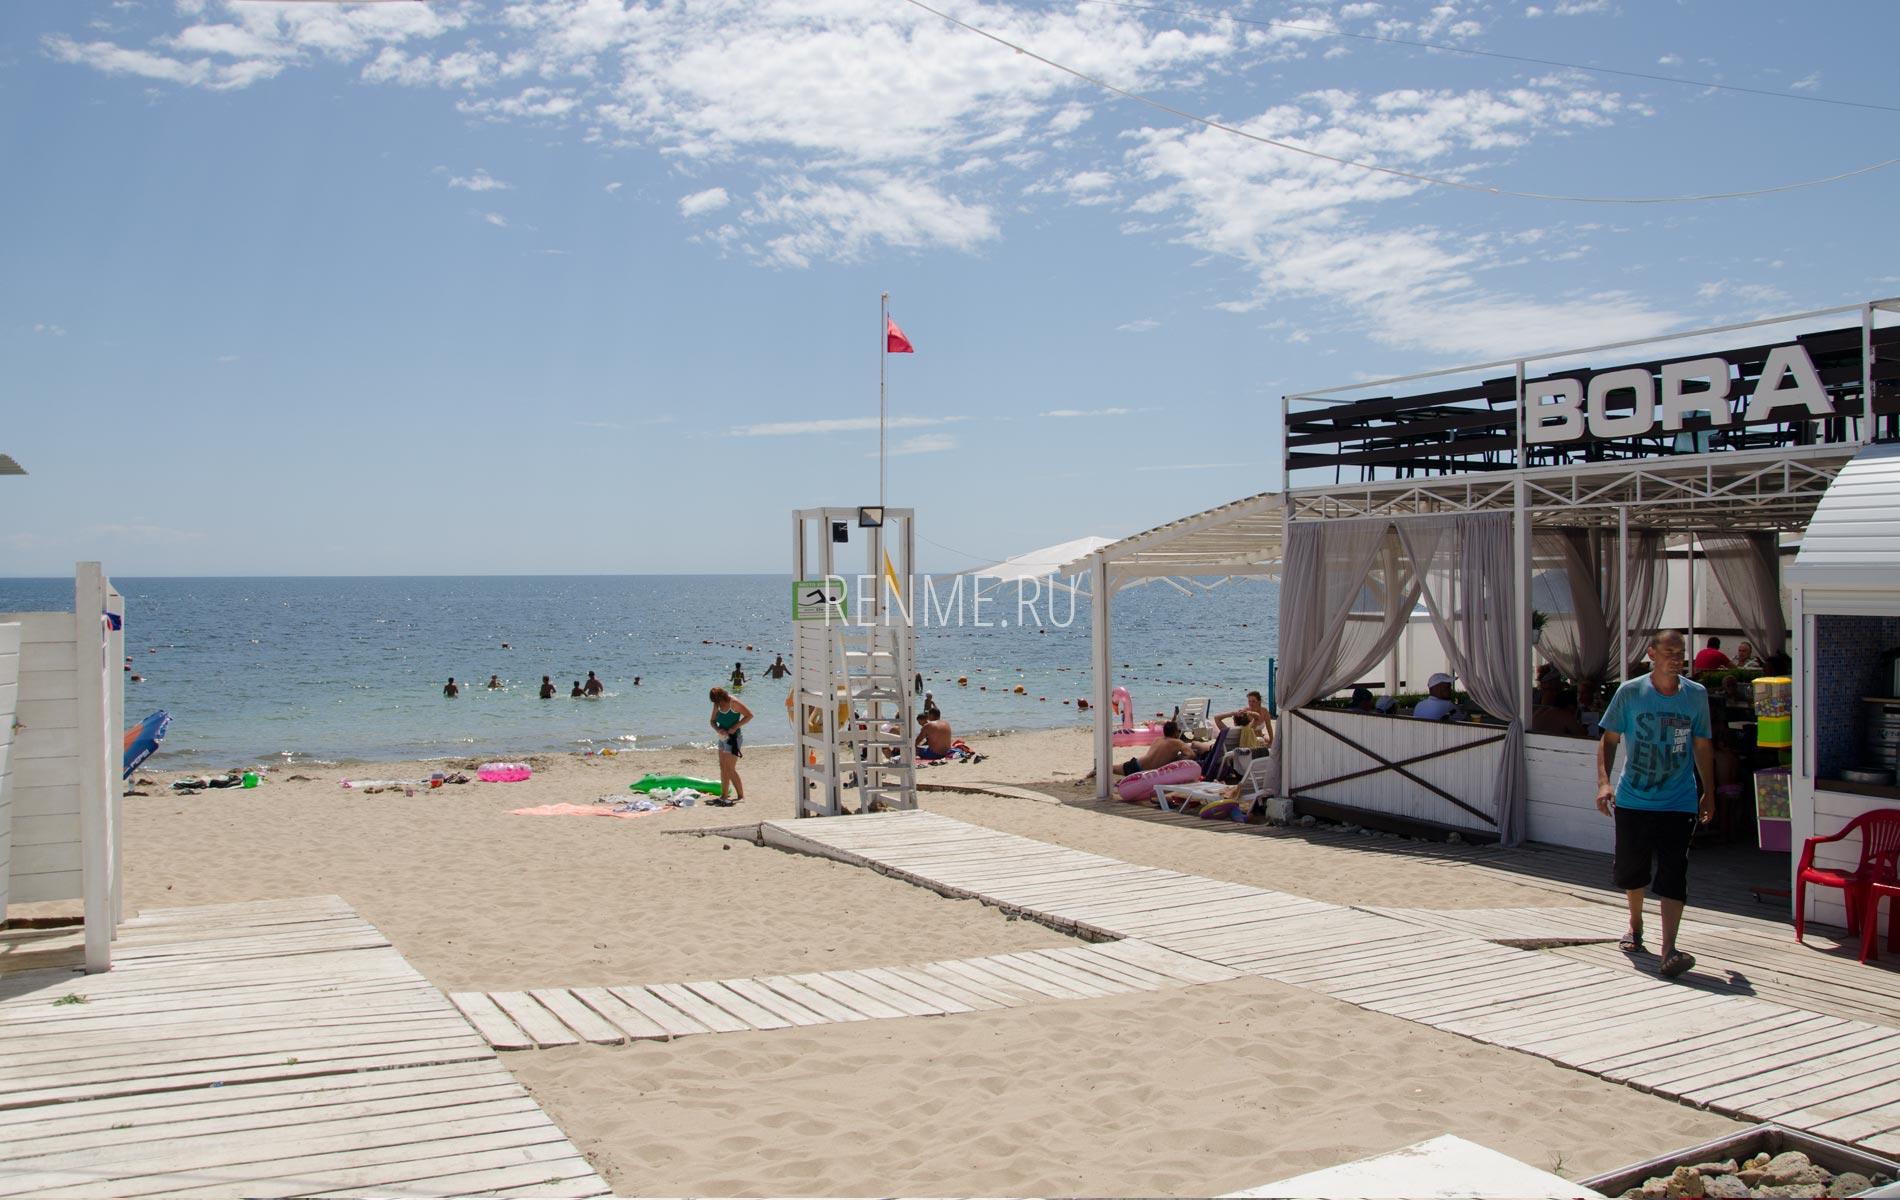 Пляж BoraBora в июле 2020. Фото Заозёрного